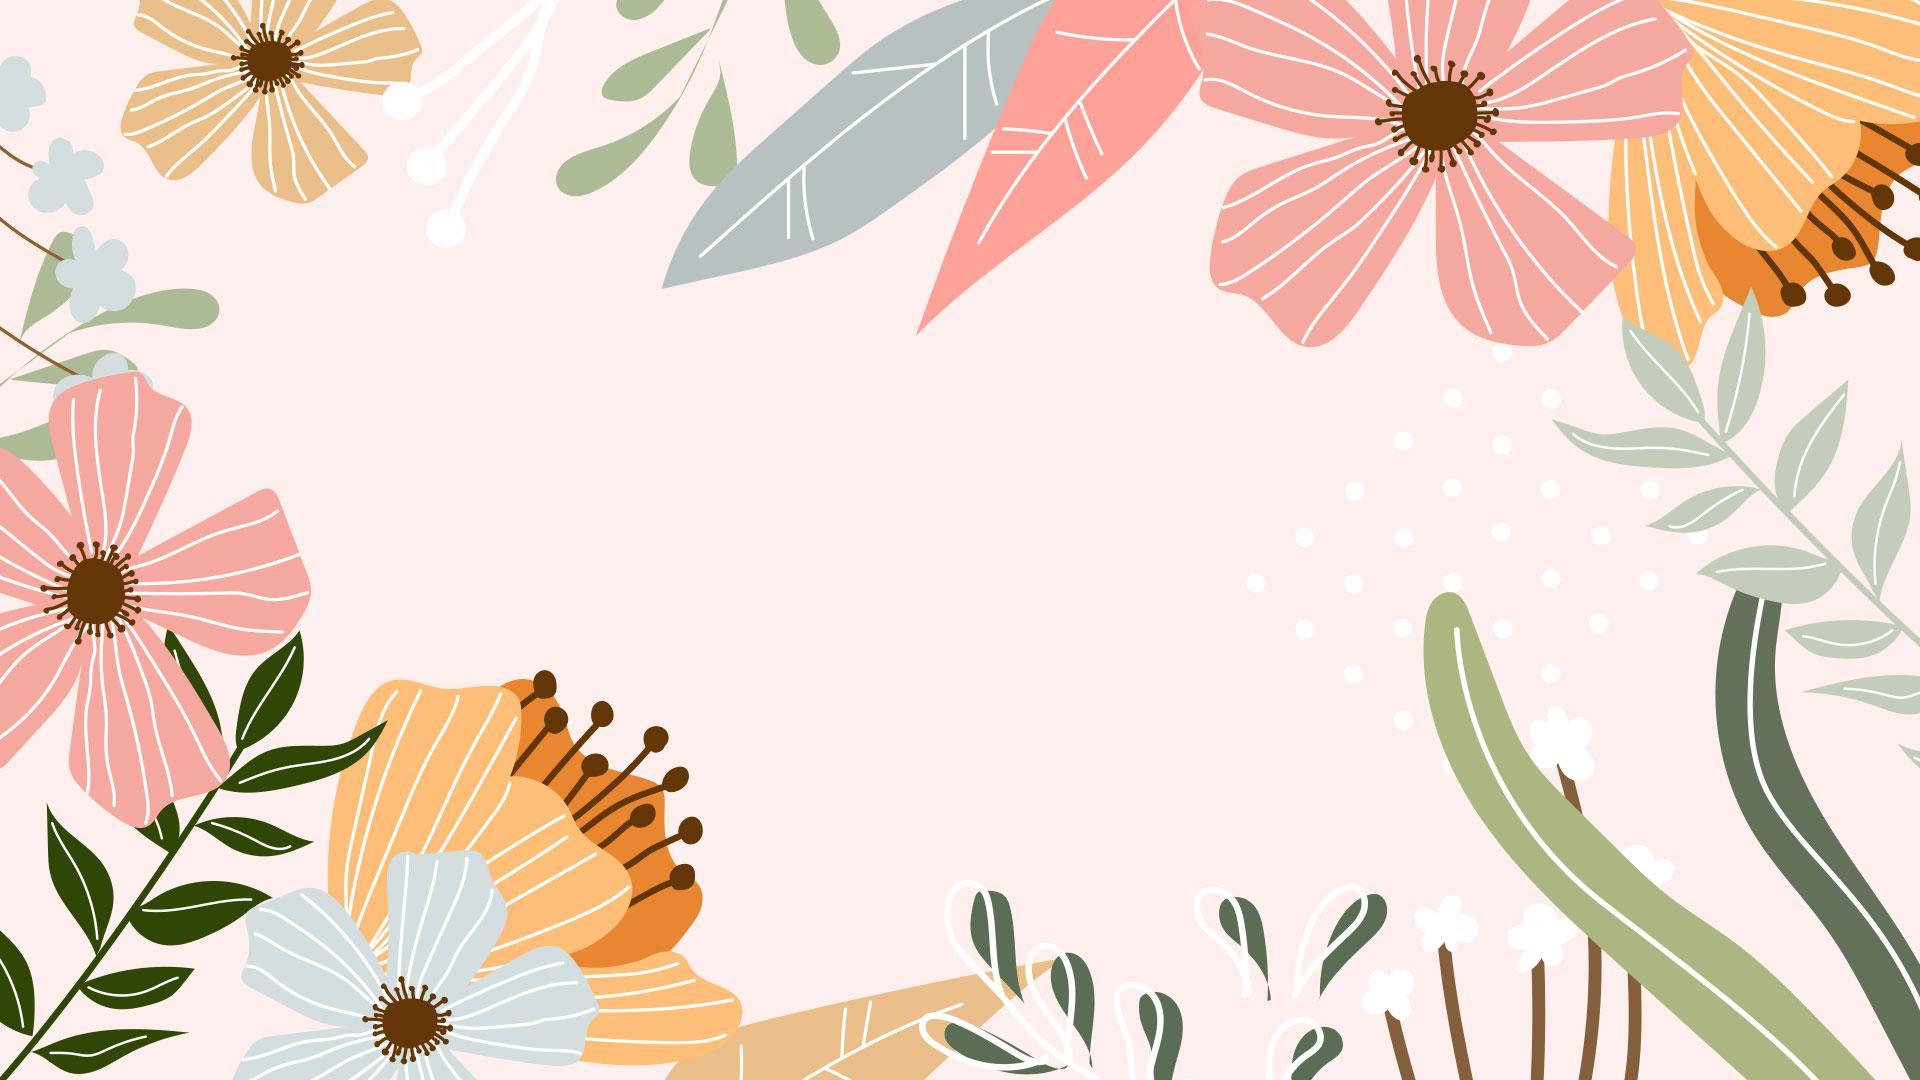 Pastelowe tło wiosenne z kwiatami na pulpit